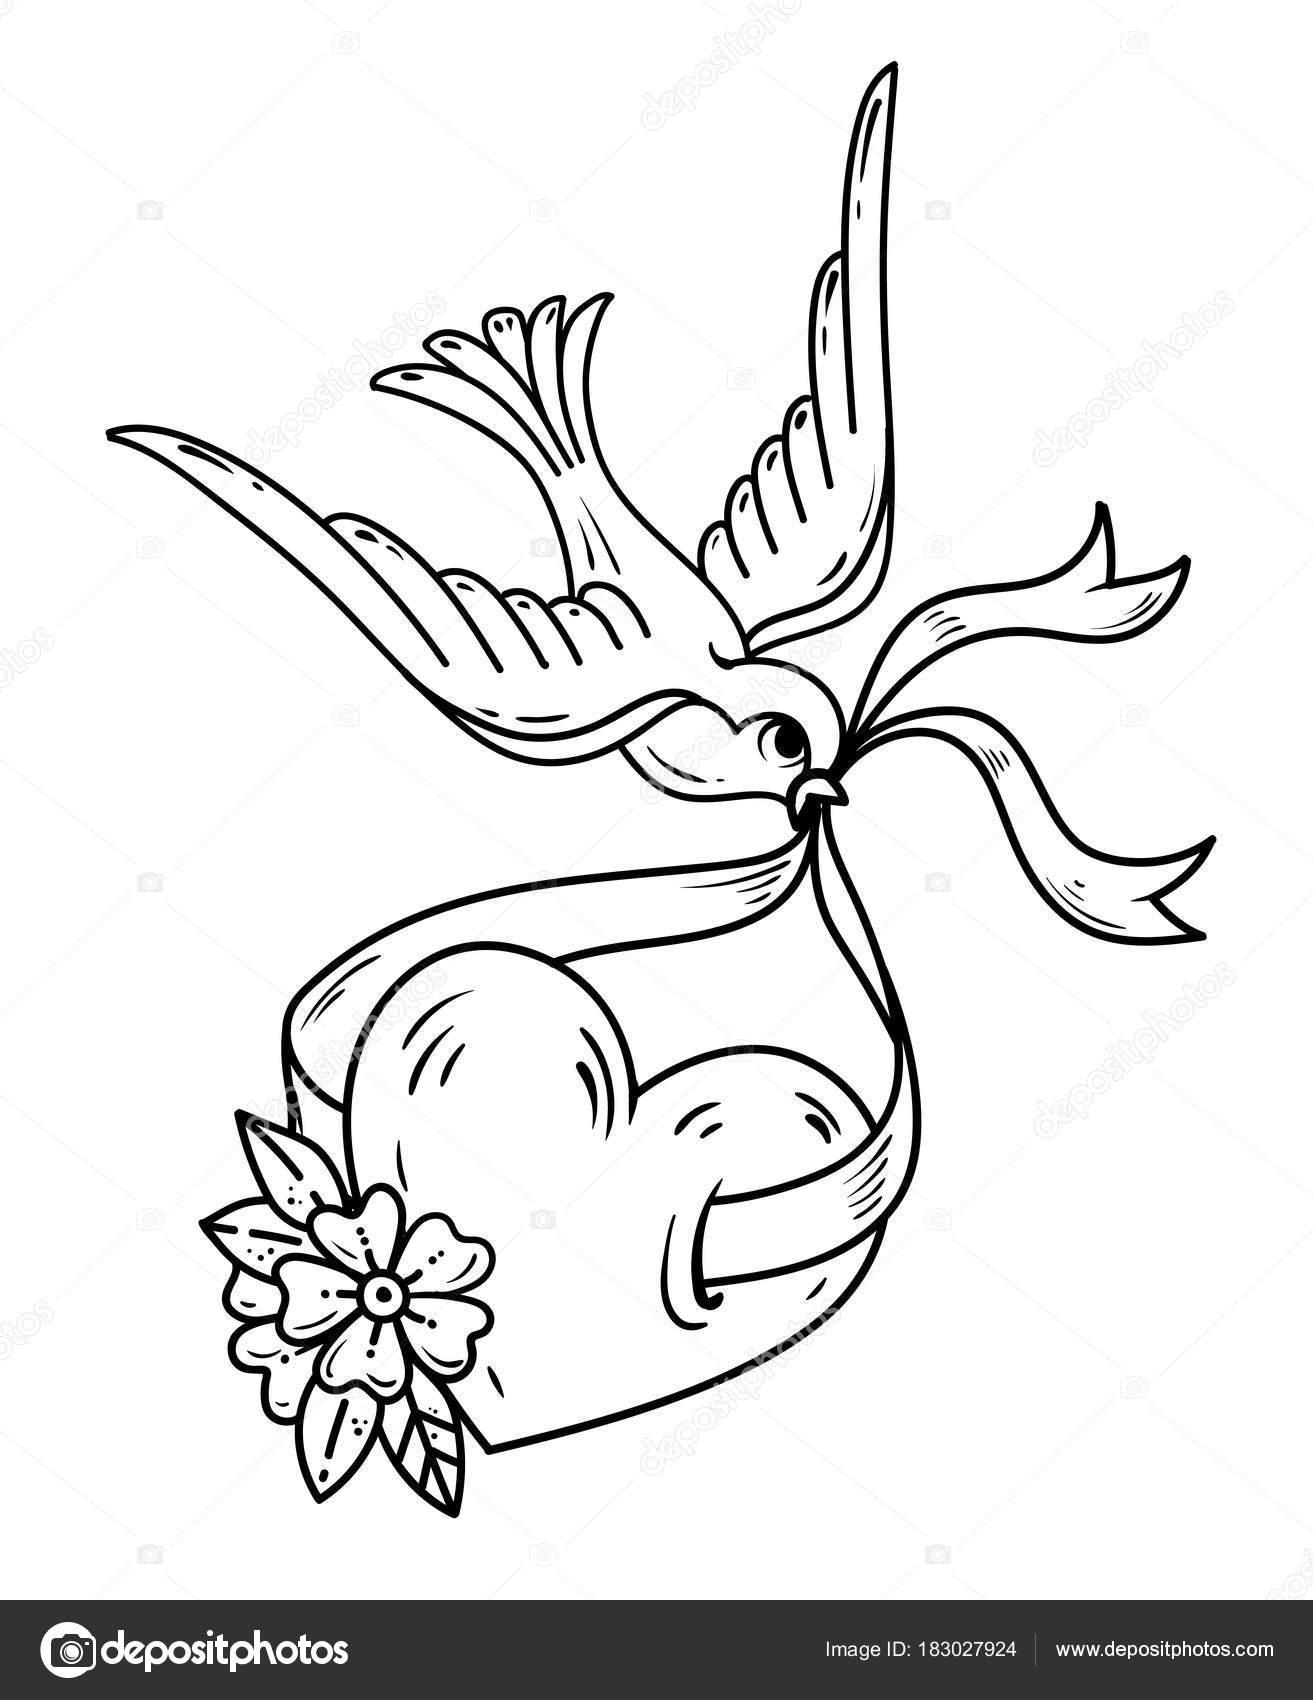 Hirondelle Se Prolonge Coeur Sur Ruban Tatouage Coeur Avec Des